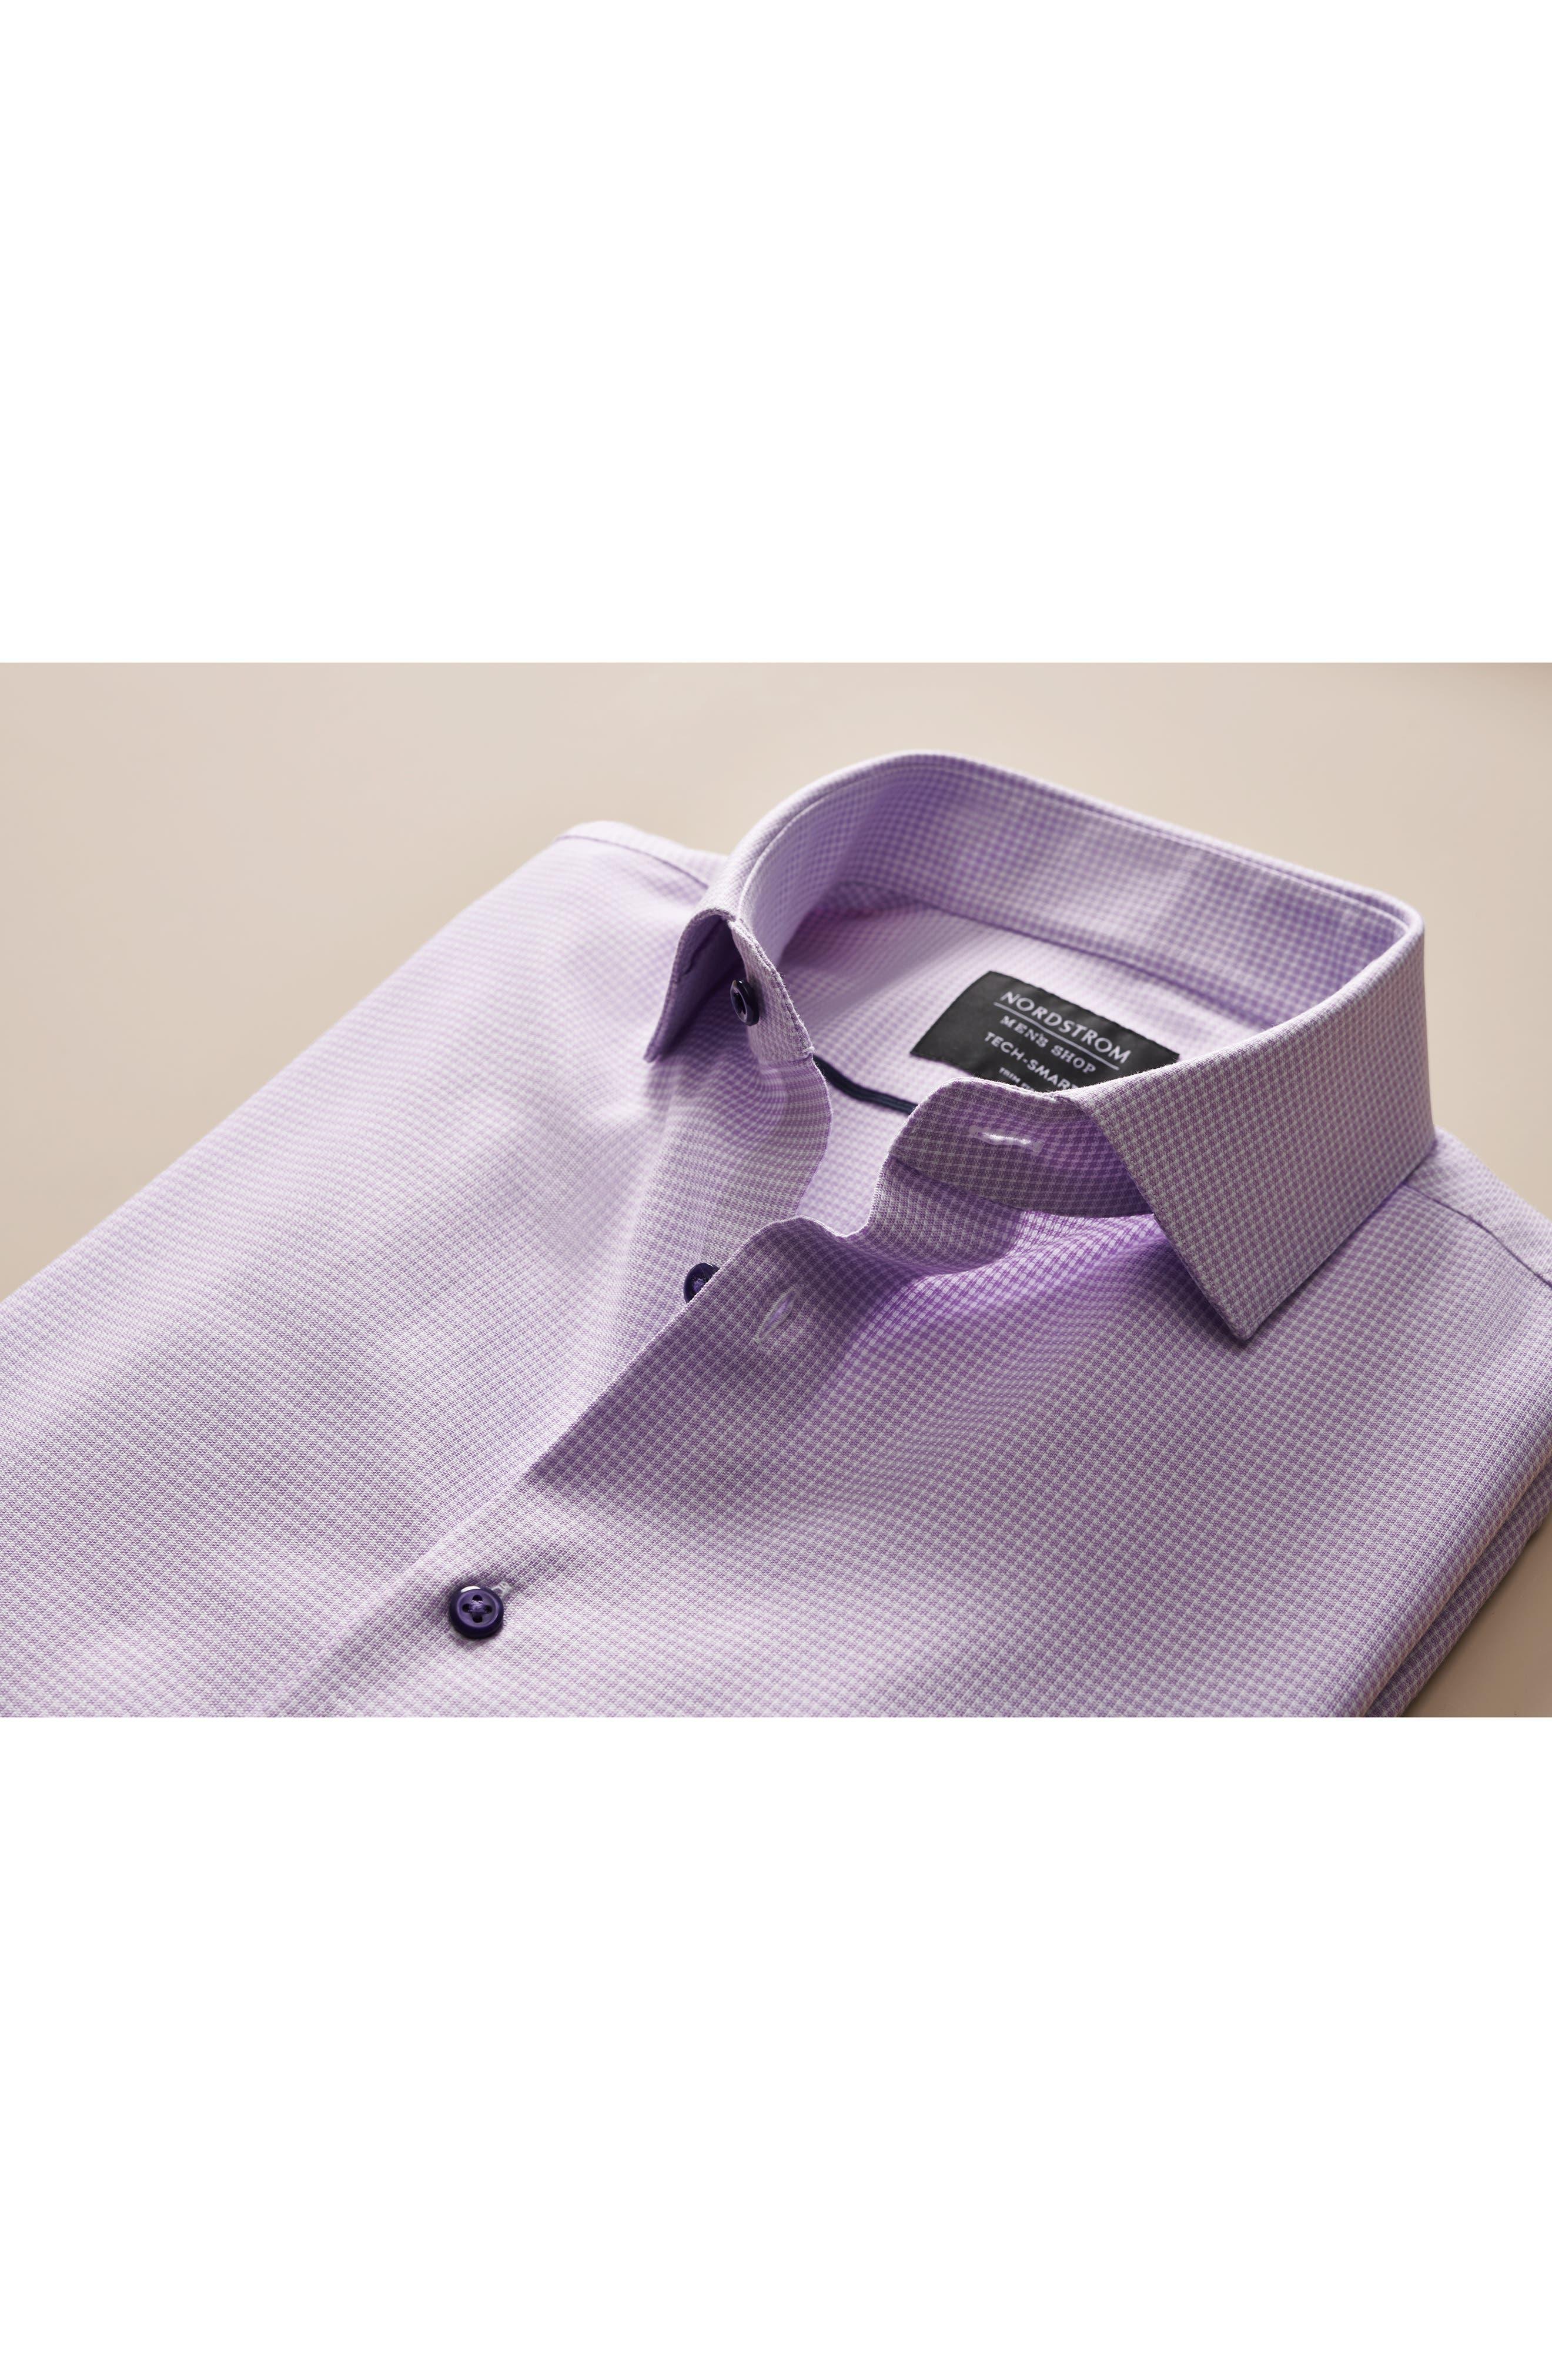 NORDSTROM MEN'S SHOP,                             Tech-Smart Trim Fit Stretch Texture Dress Shirt,                             Alternate thumbnail 10, color,                             BLUE HYDRANGEA